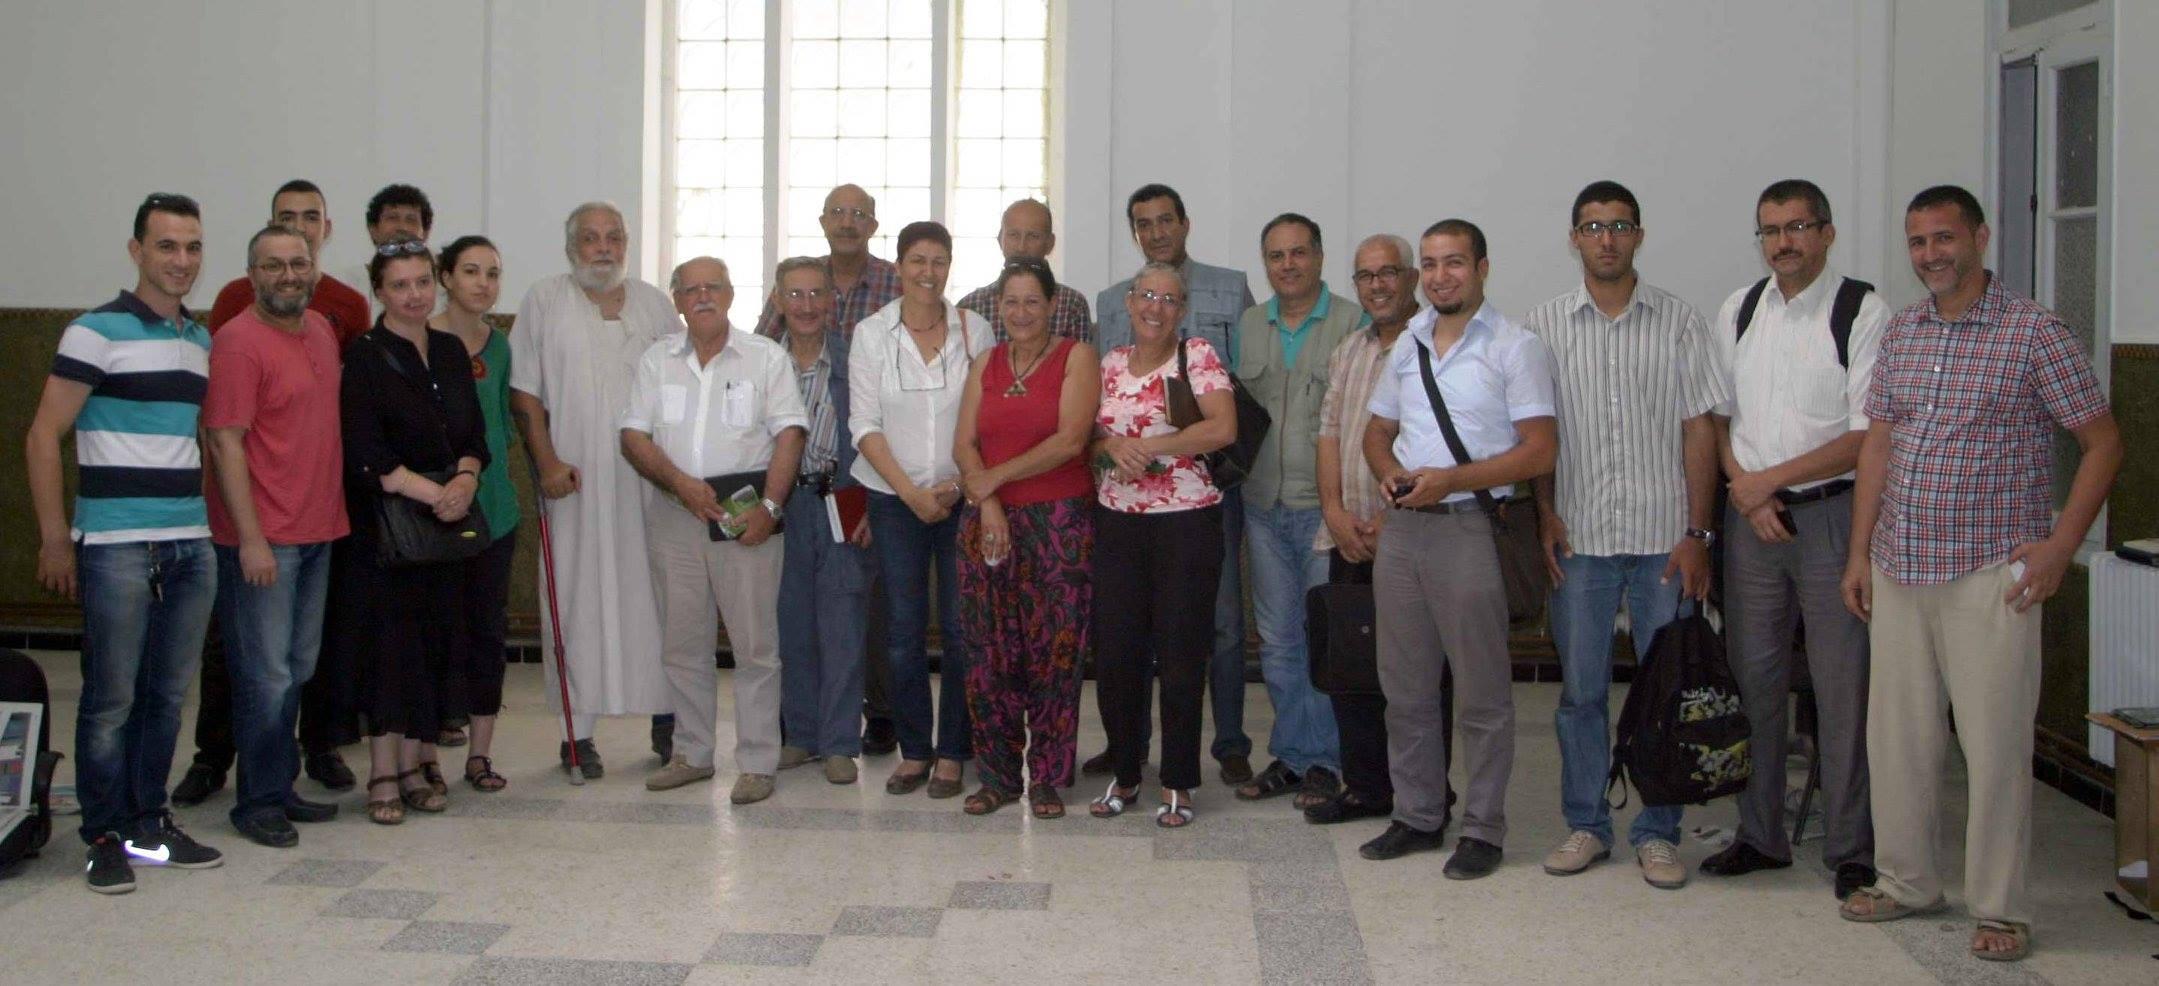 Rencontre des amis en algerie